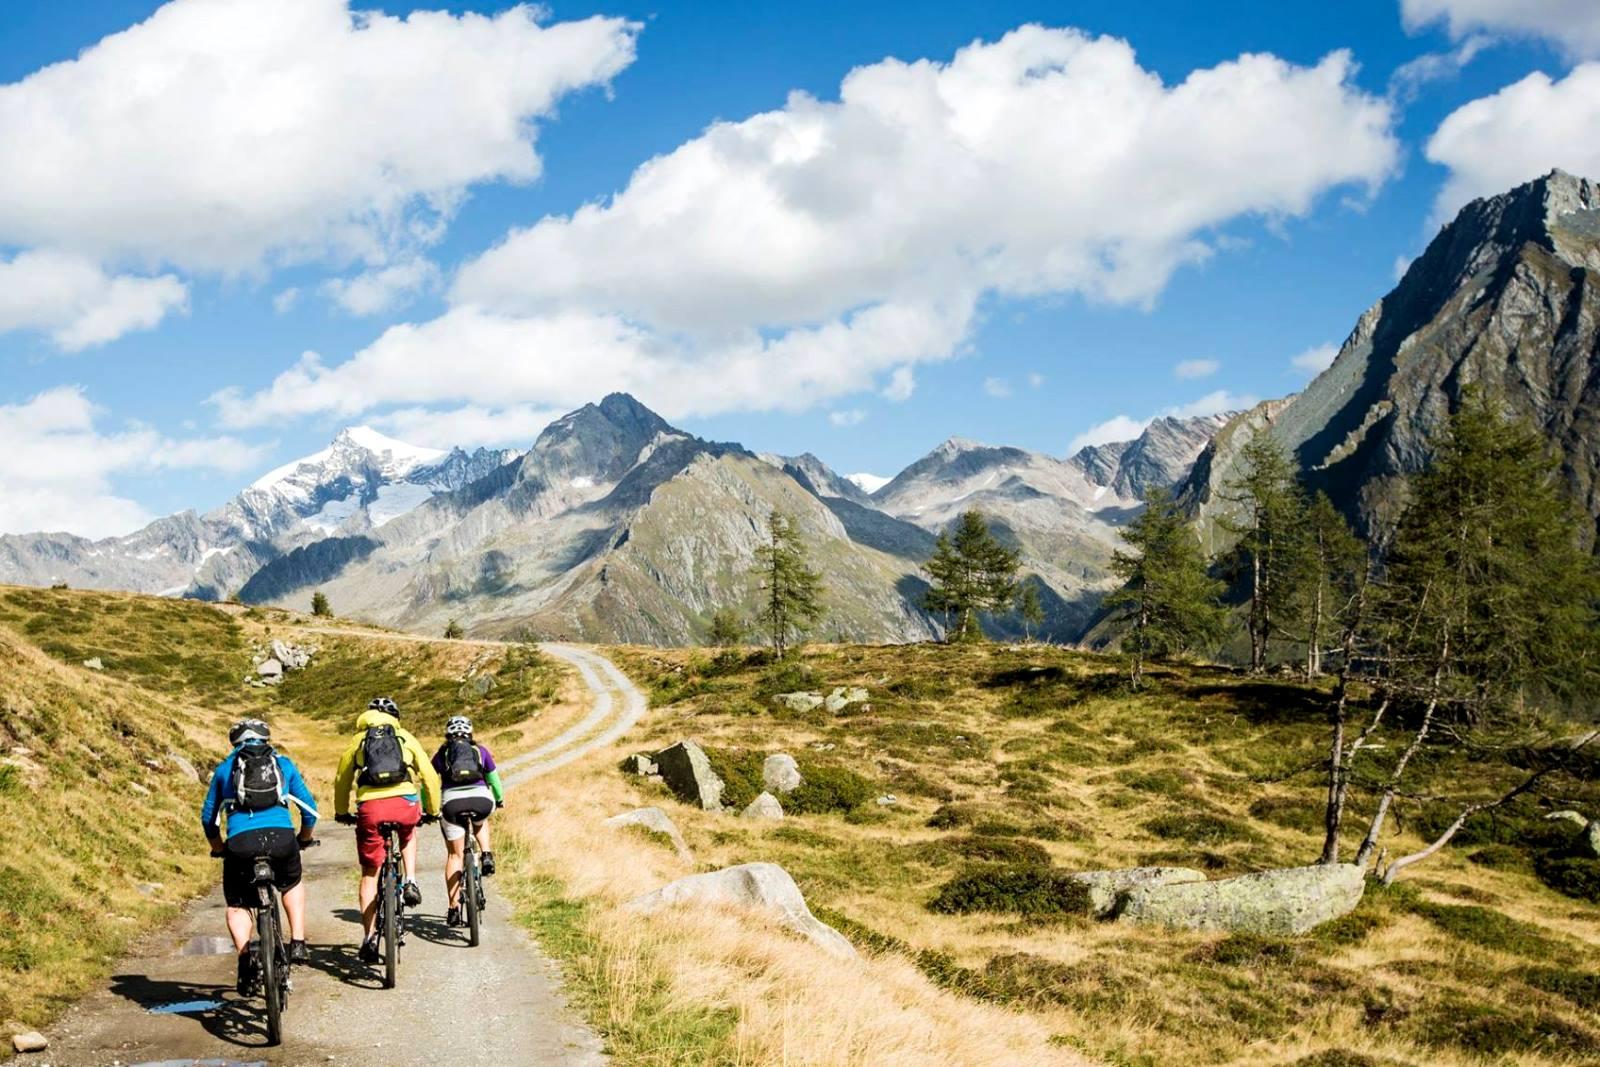 Op pad: Mountain bike - Luxe en actief zuid-tirol